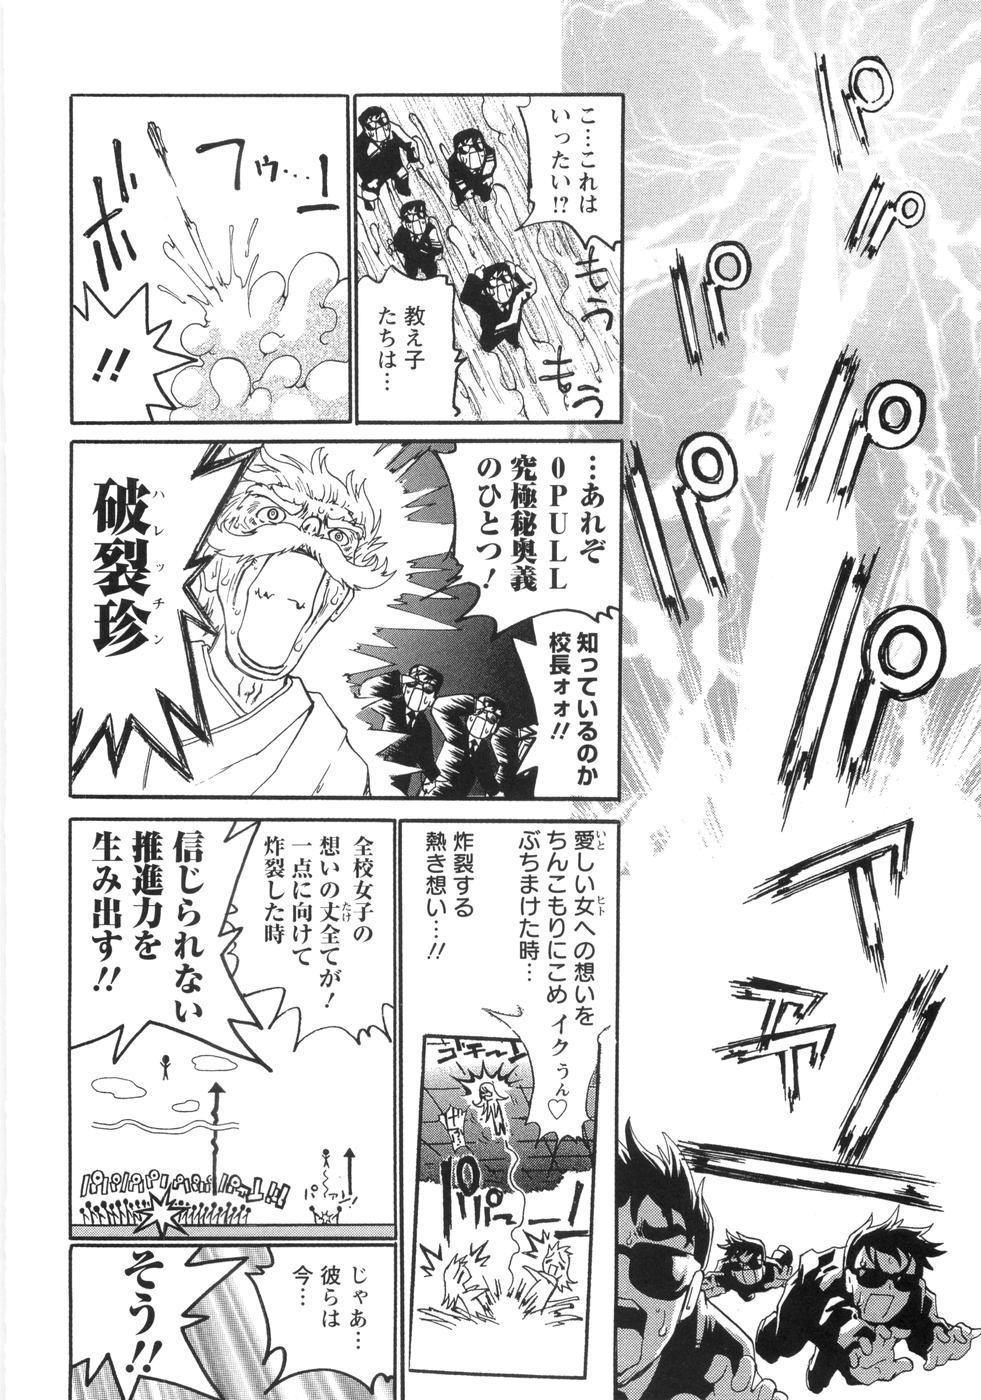 0 PULL TOWN Gakuen e Youkoso! 176